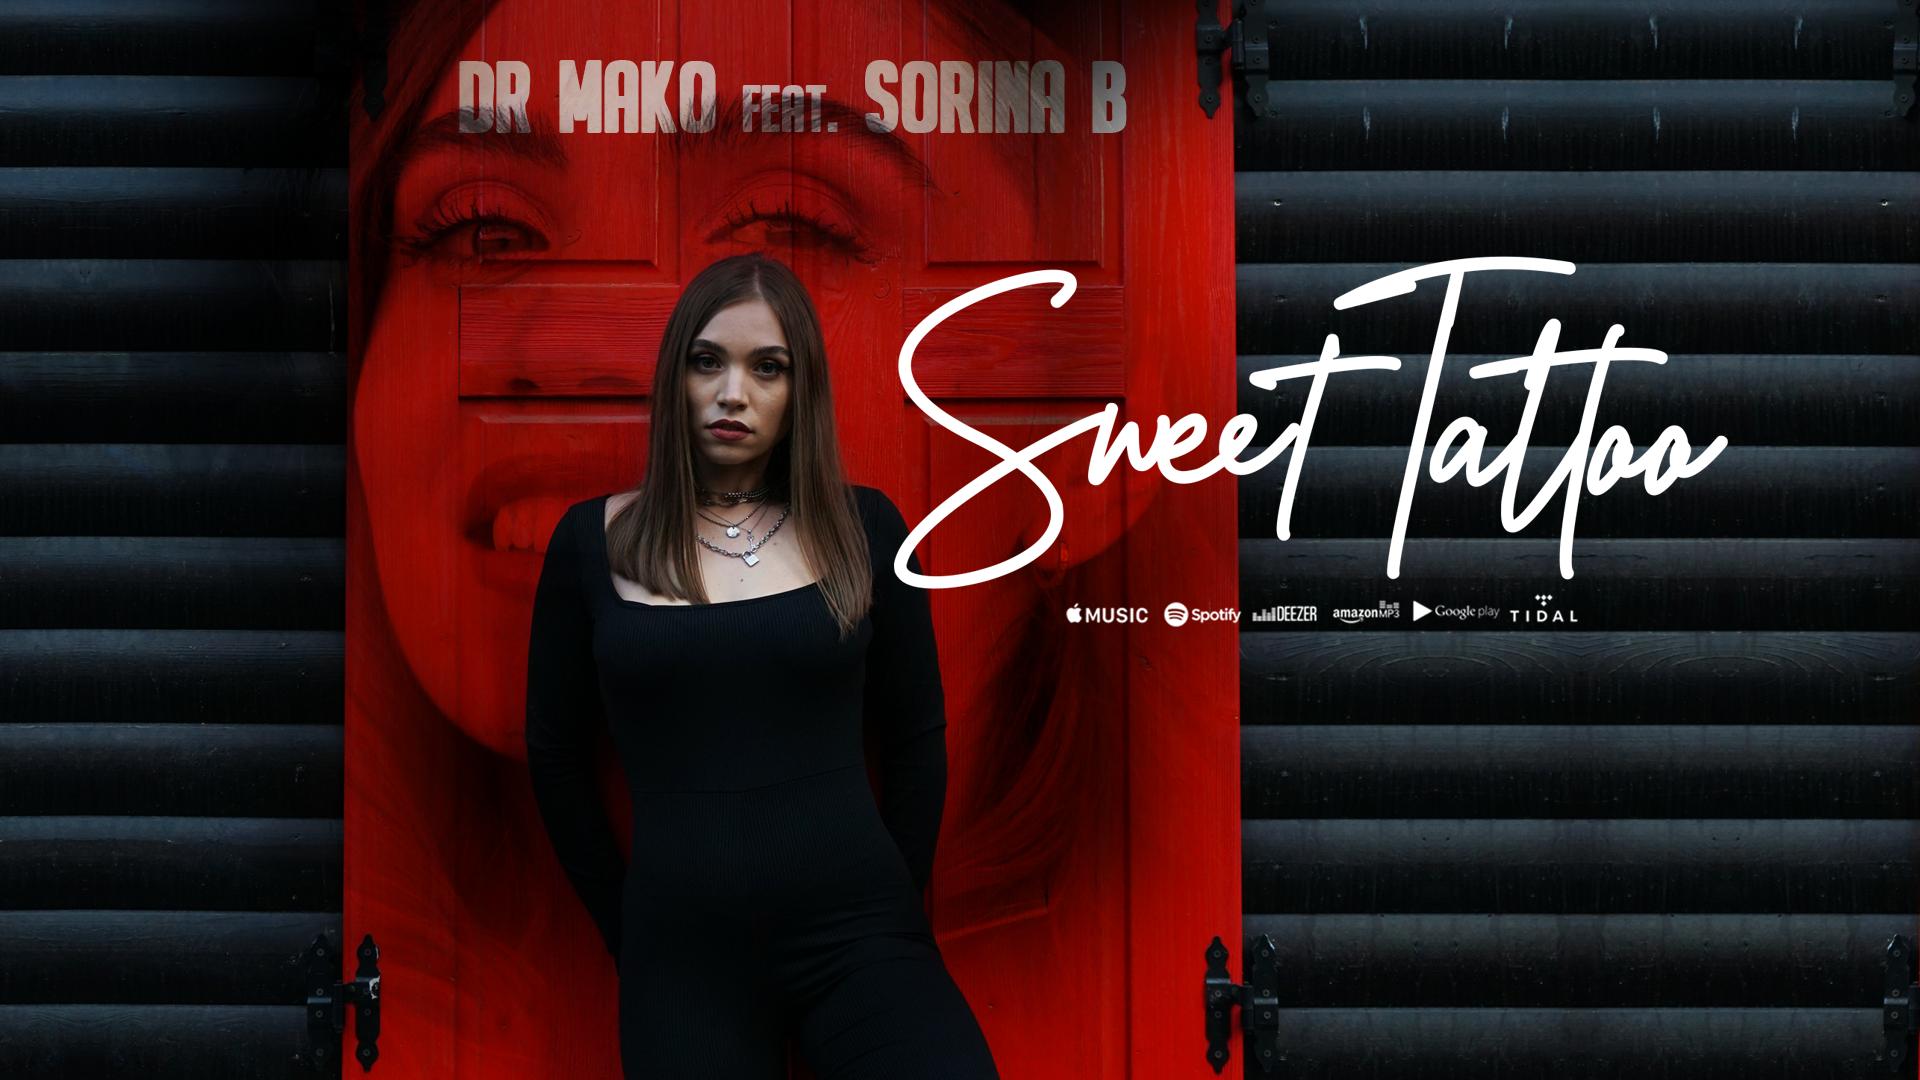 """Dr. Mako și Sorina B., fosta concurentă de la Vocea României, colaborează pentru piesa """"Sweet Tattoo""""!"""